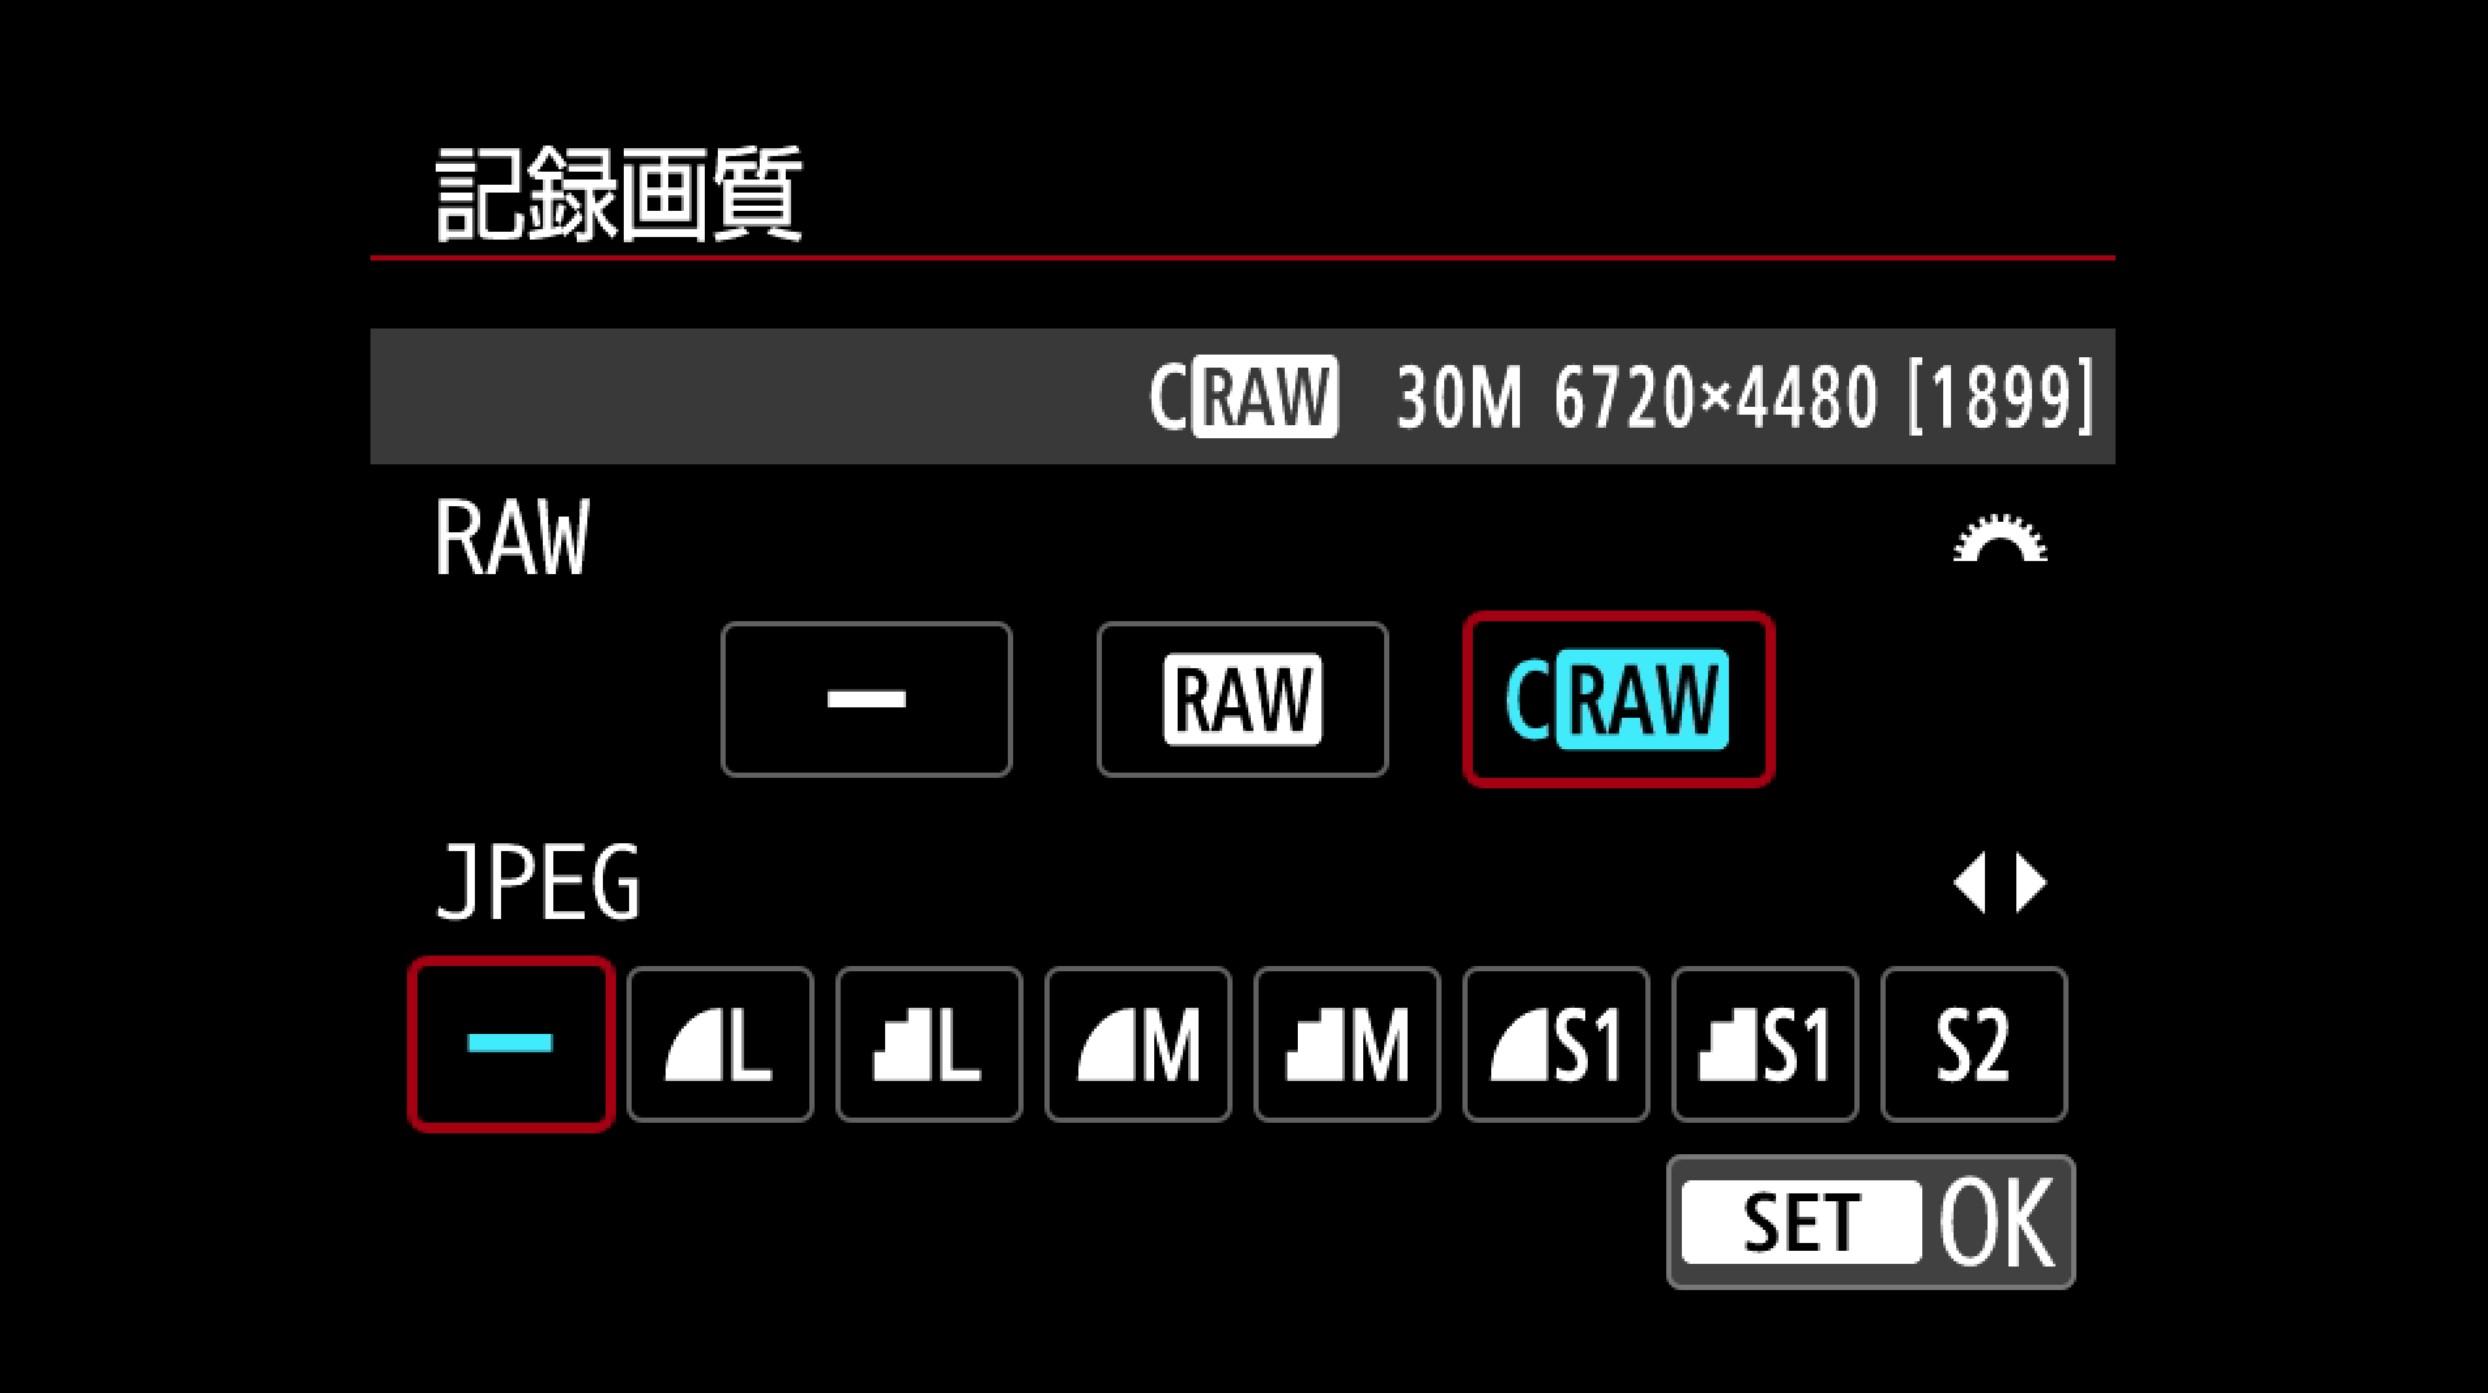 キヤノン EOS R 記録画質 CRAW